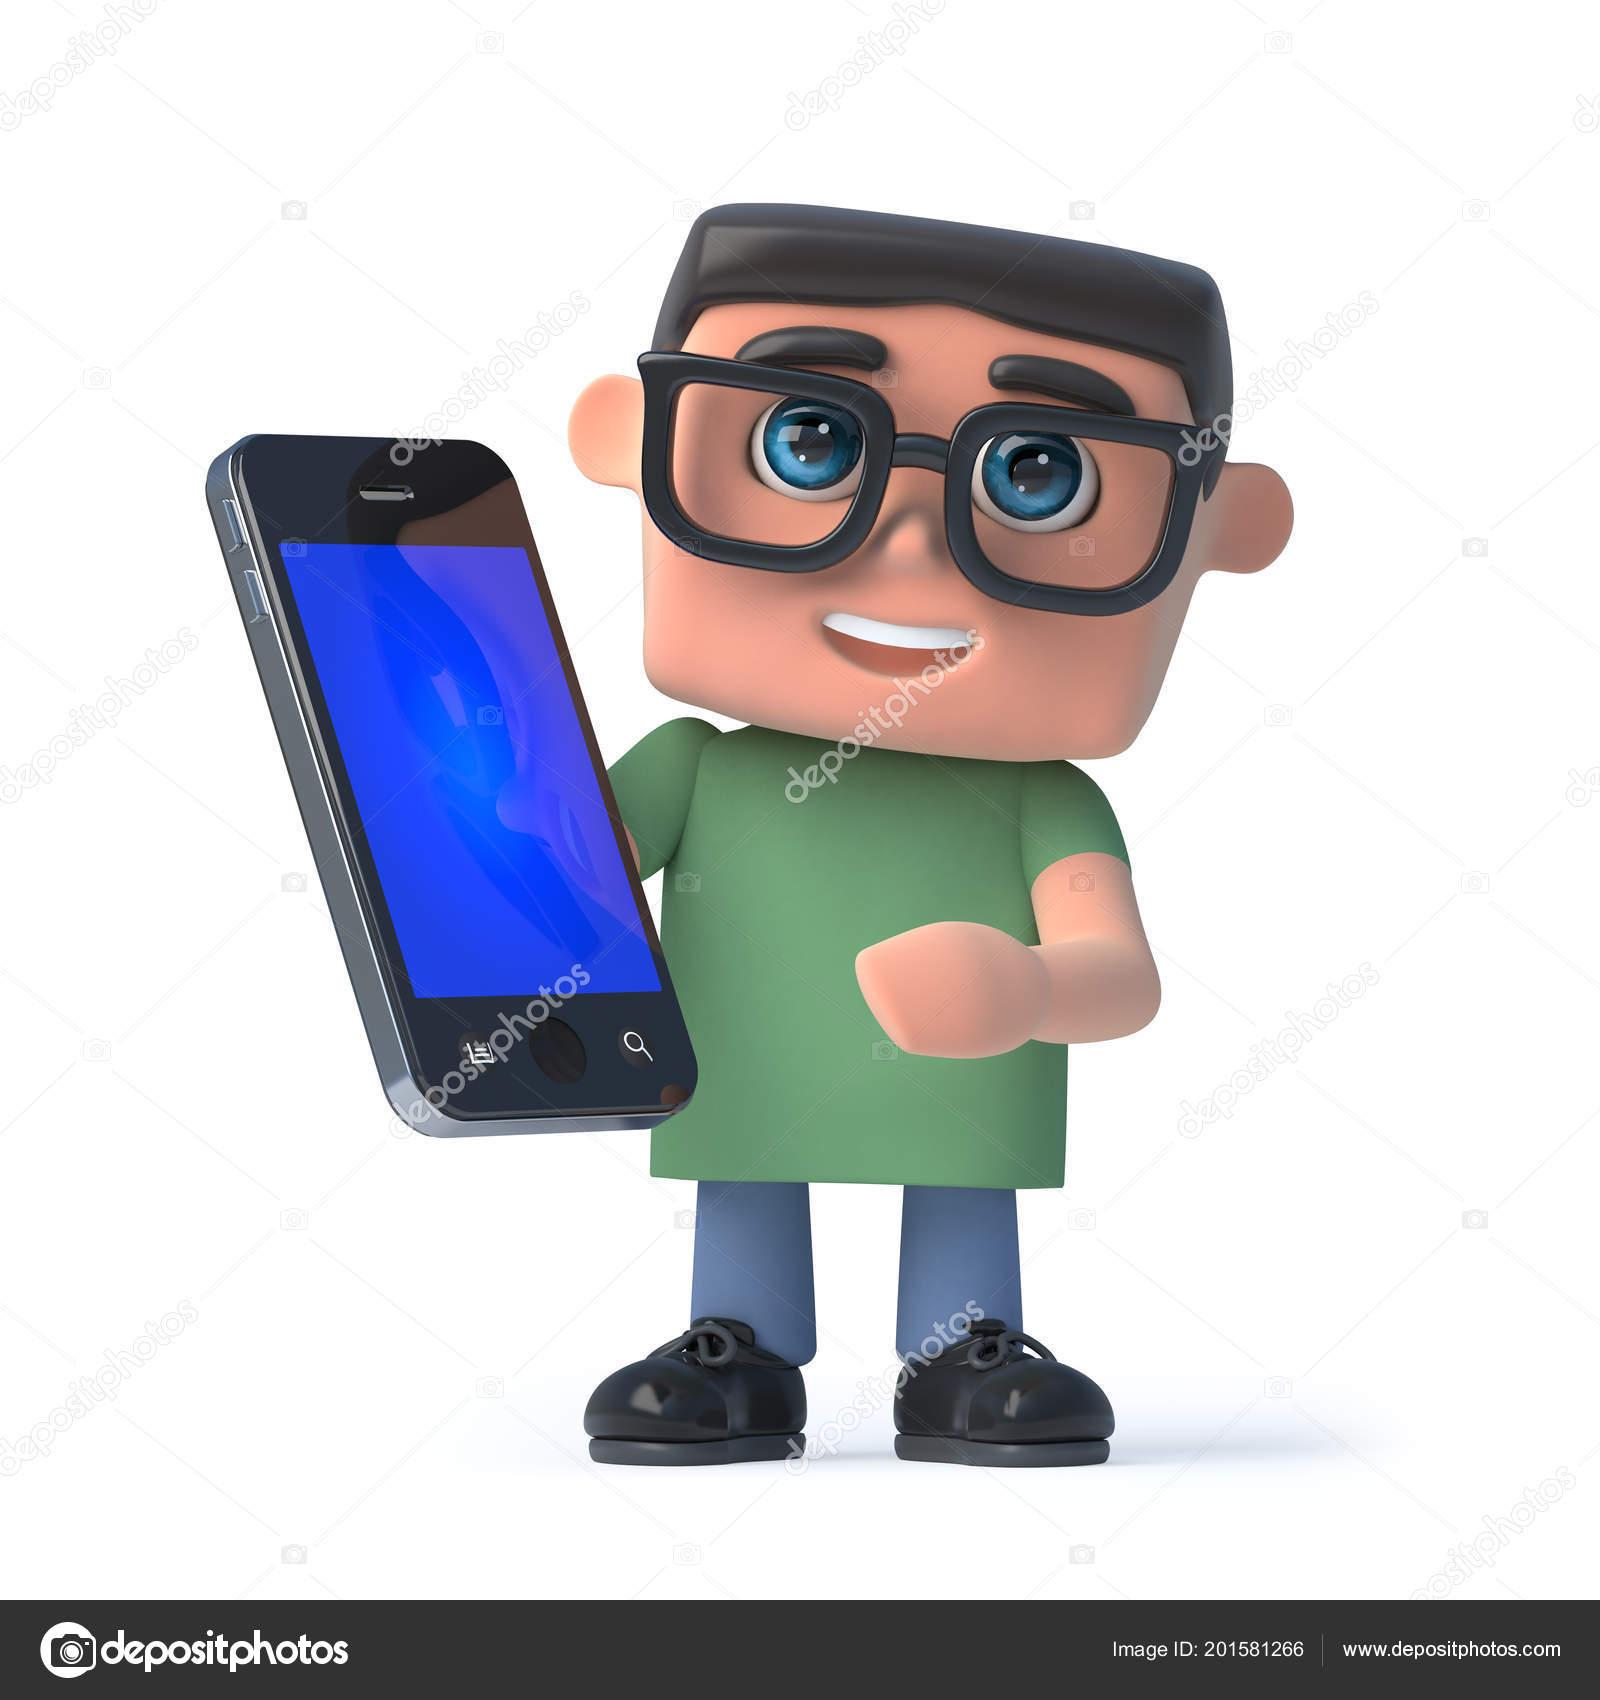 В Нижнем Новгороде пройдет «Smart-квест» для незрячих пользователей мобильной техники.